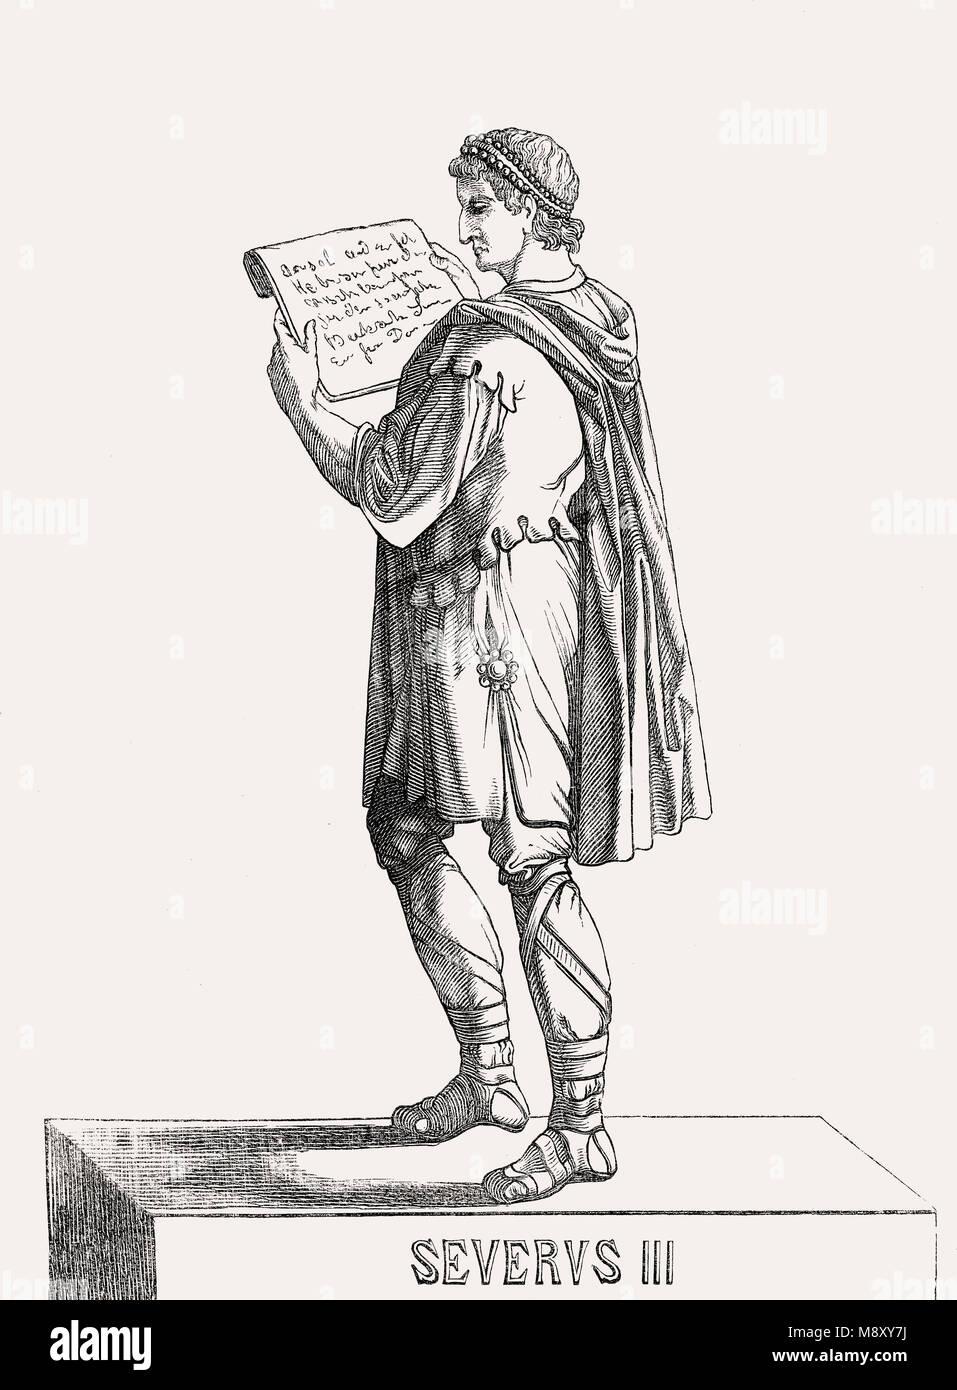 Libius Severus, oder Severus III, Western römischer Kaiser von 461 bis 465 Stockbild